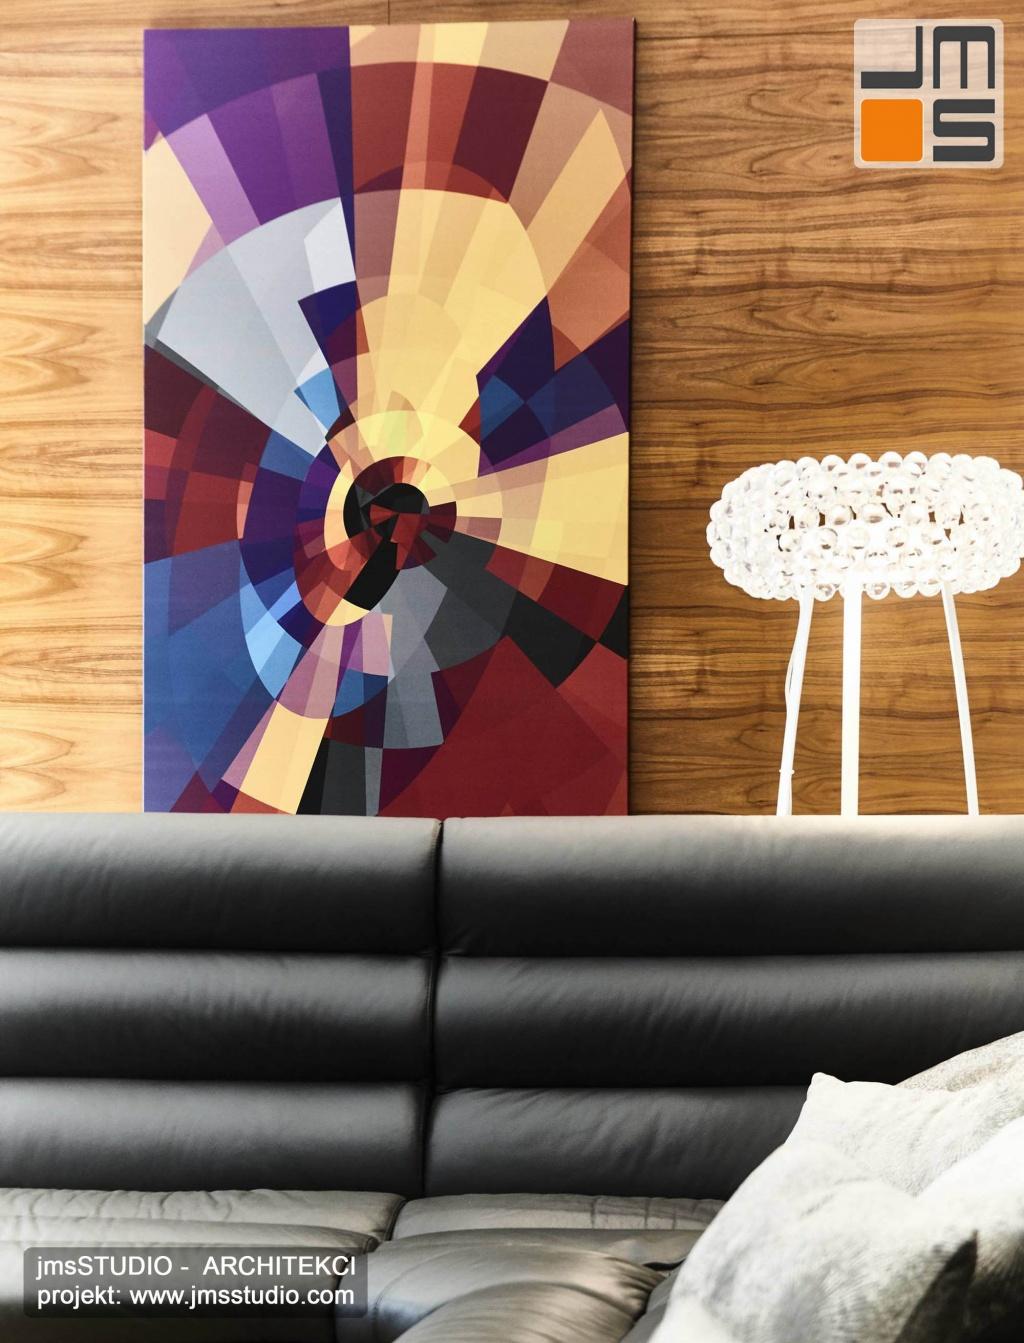 2018 06 abstrakcyjny obraz w formie mocnej kolorowej  grafiki świetnie komponuje się w projekcie wnętrz z drewnem orzechowym i lampą caboch na tle szarej sofy